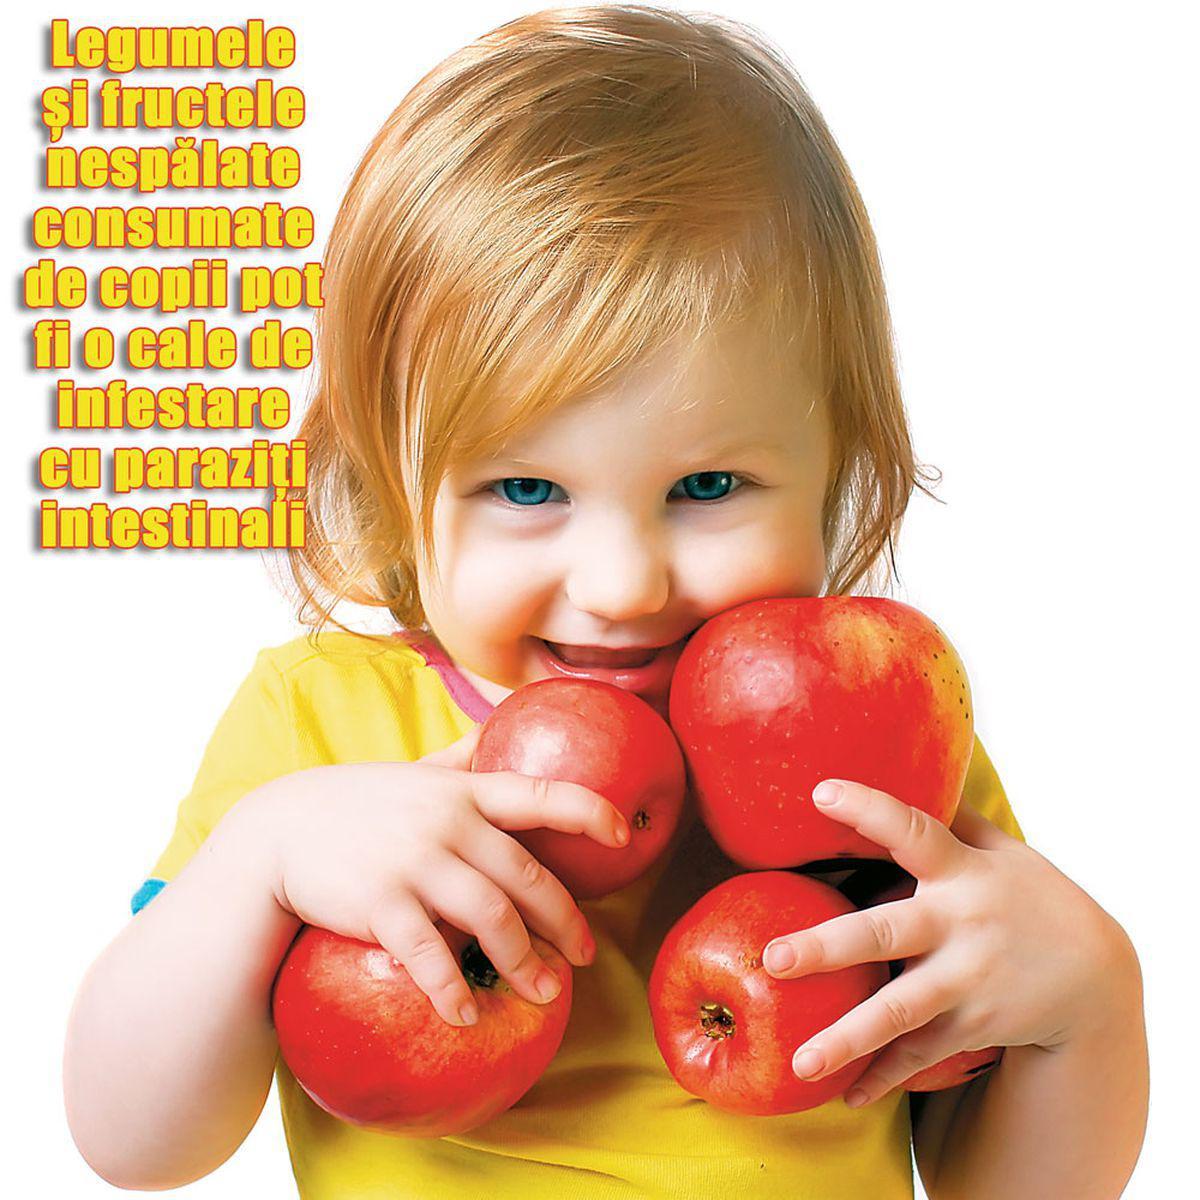 Tratamente naturiste toate tipurile de paraziti intestinali la copii